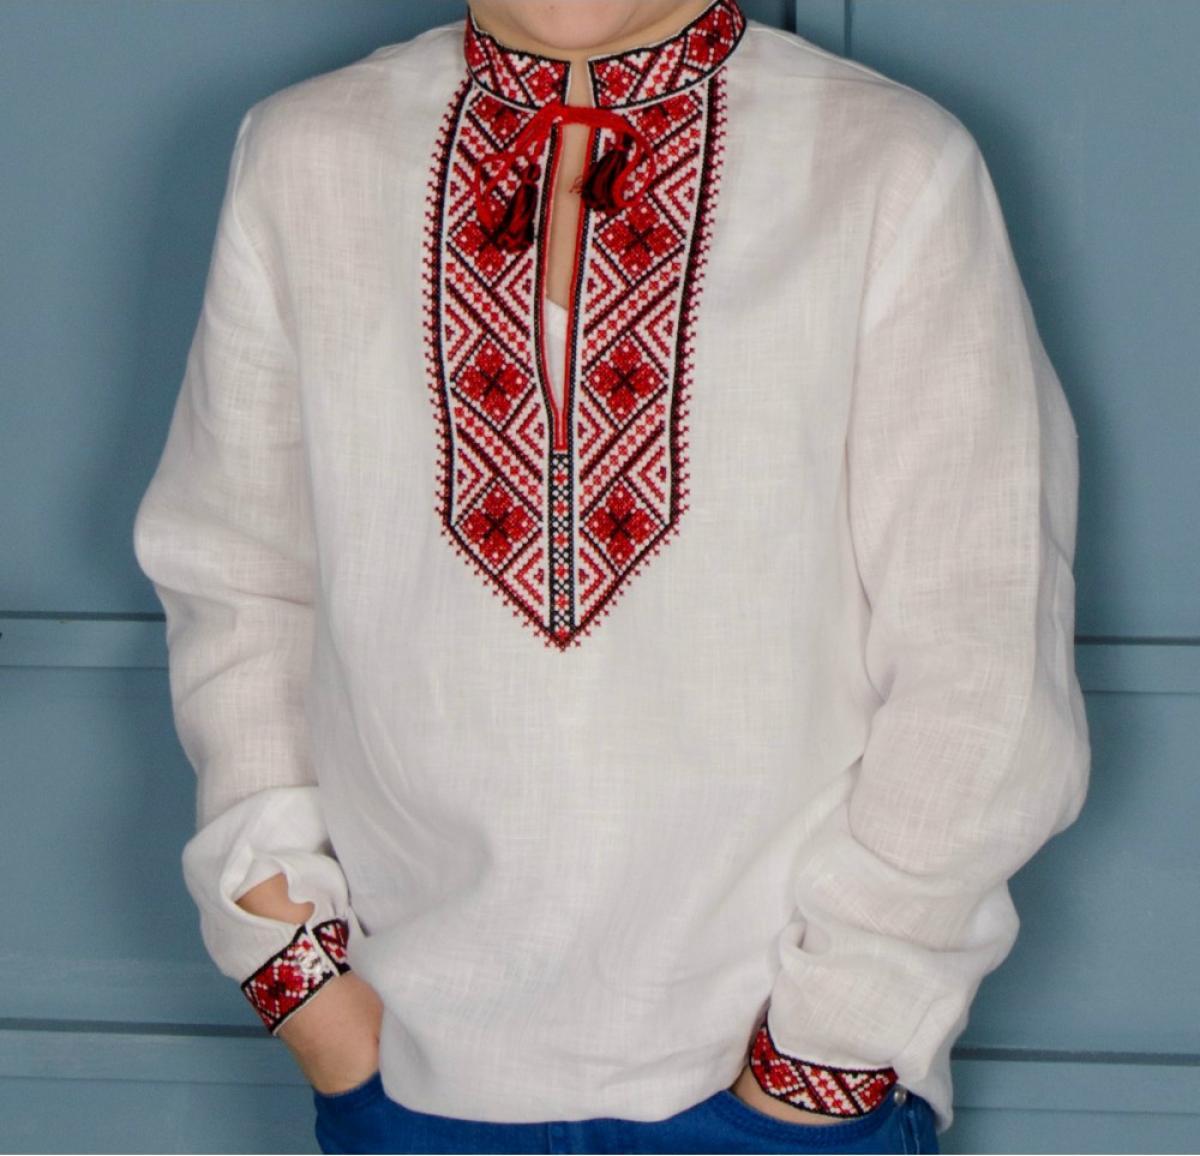 Вишиванка для хлопчика з червоно-чорною вишивкою. Фото №3. | Народний дім Україна